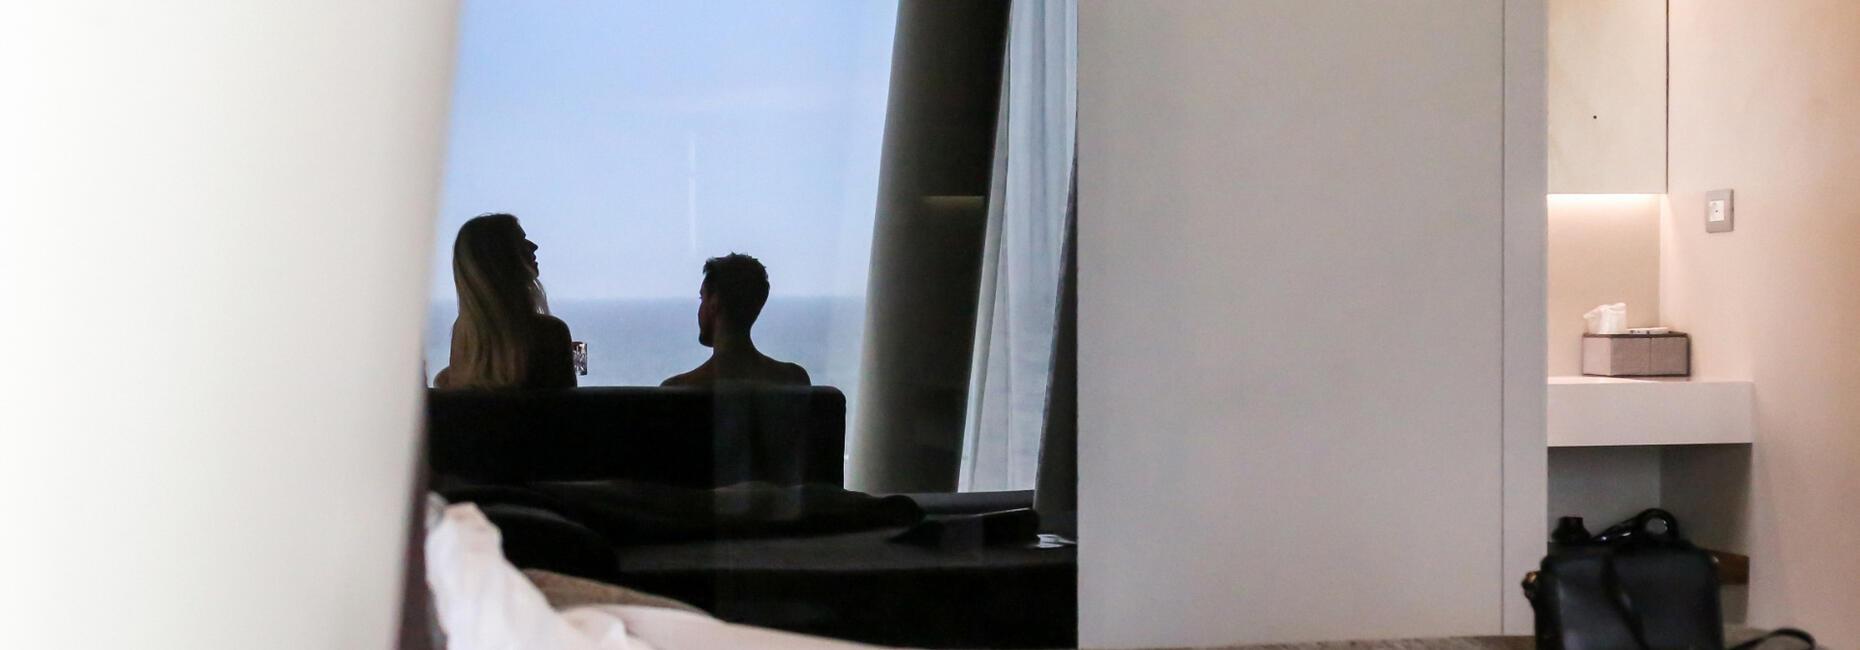 hotelcommodore en suite-sea-view-cervia 016